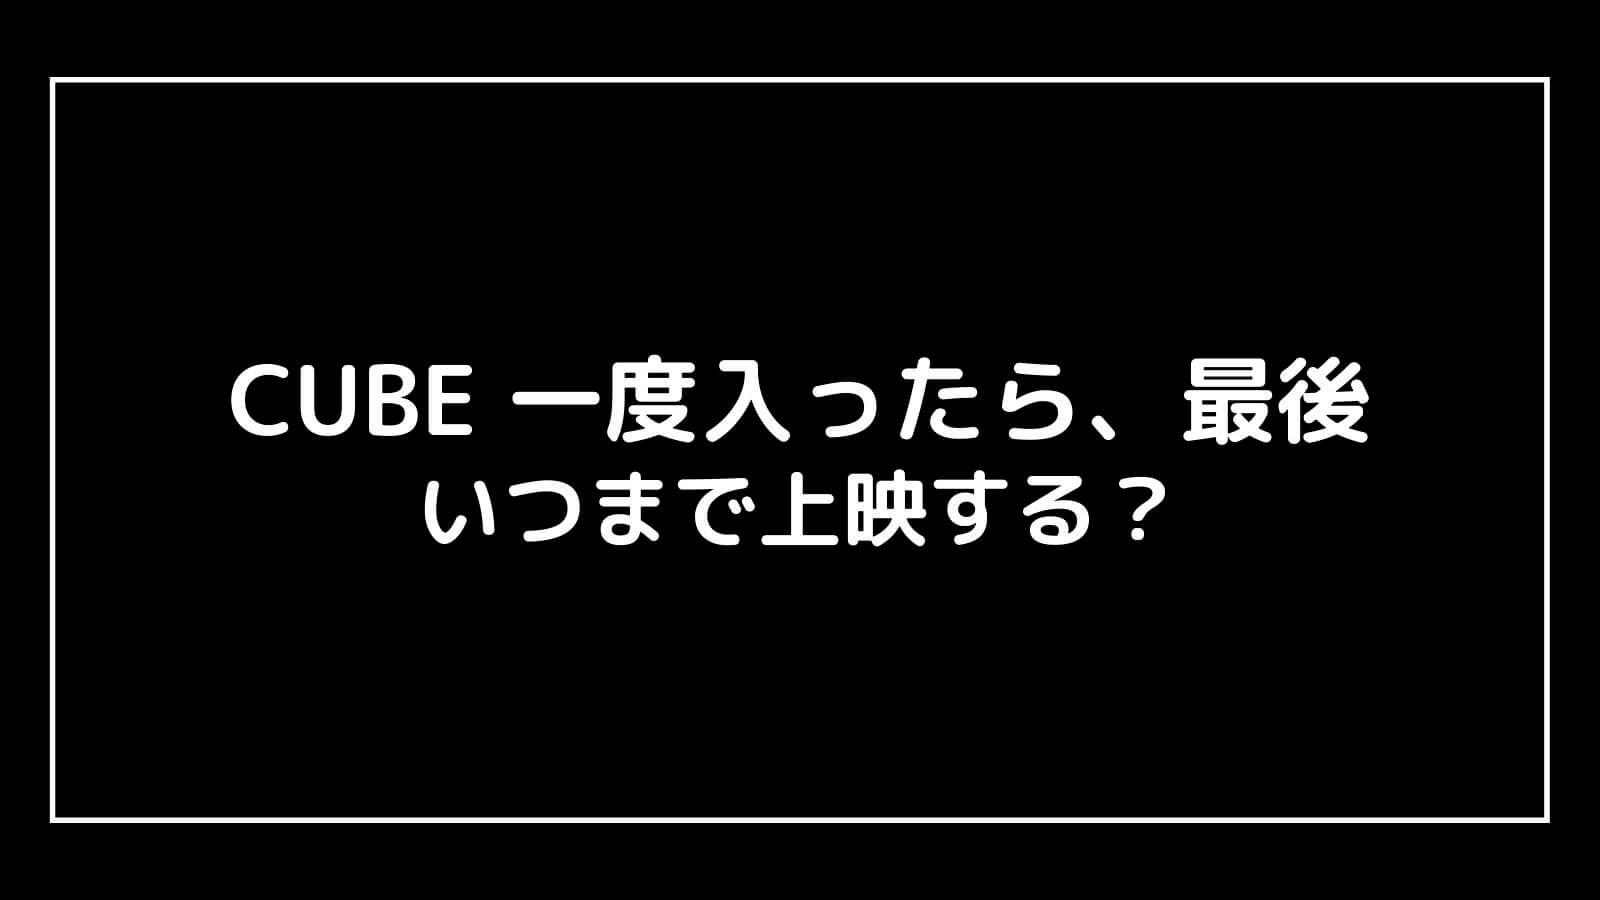 映画『CUBE キューブ 一度入ったら、最後』はいつまで上映する?元映画館社員が公開期間を予想